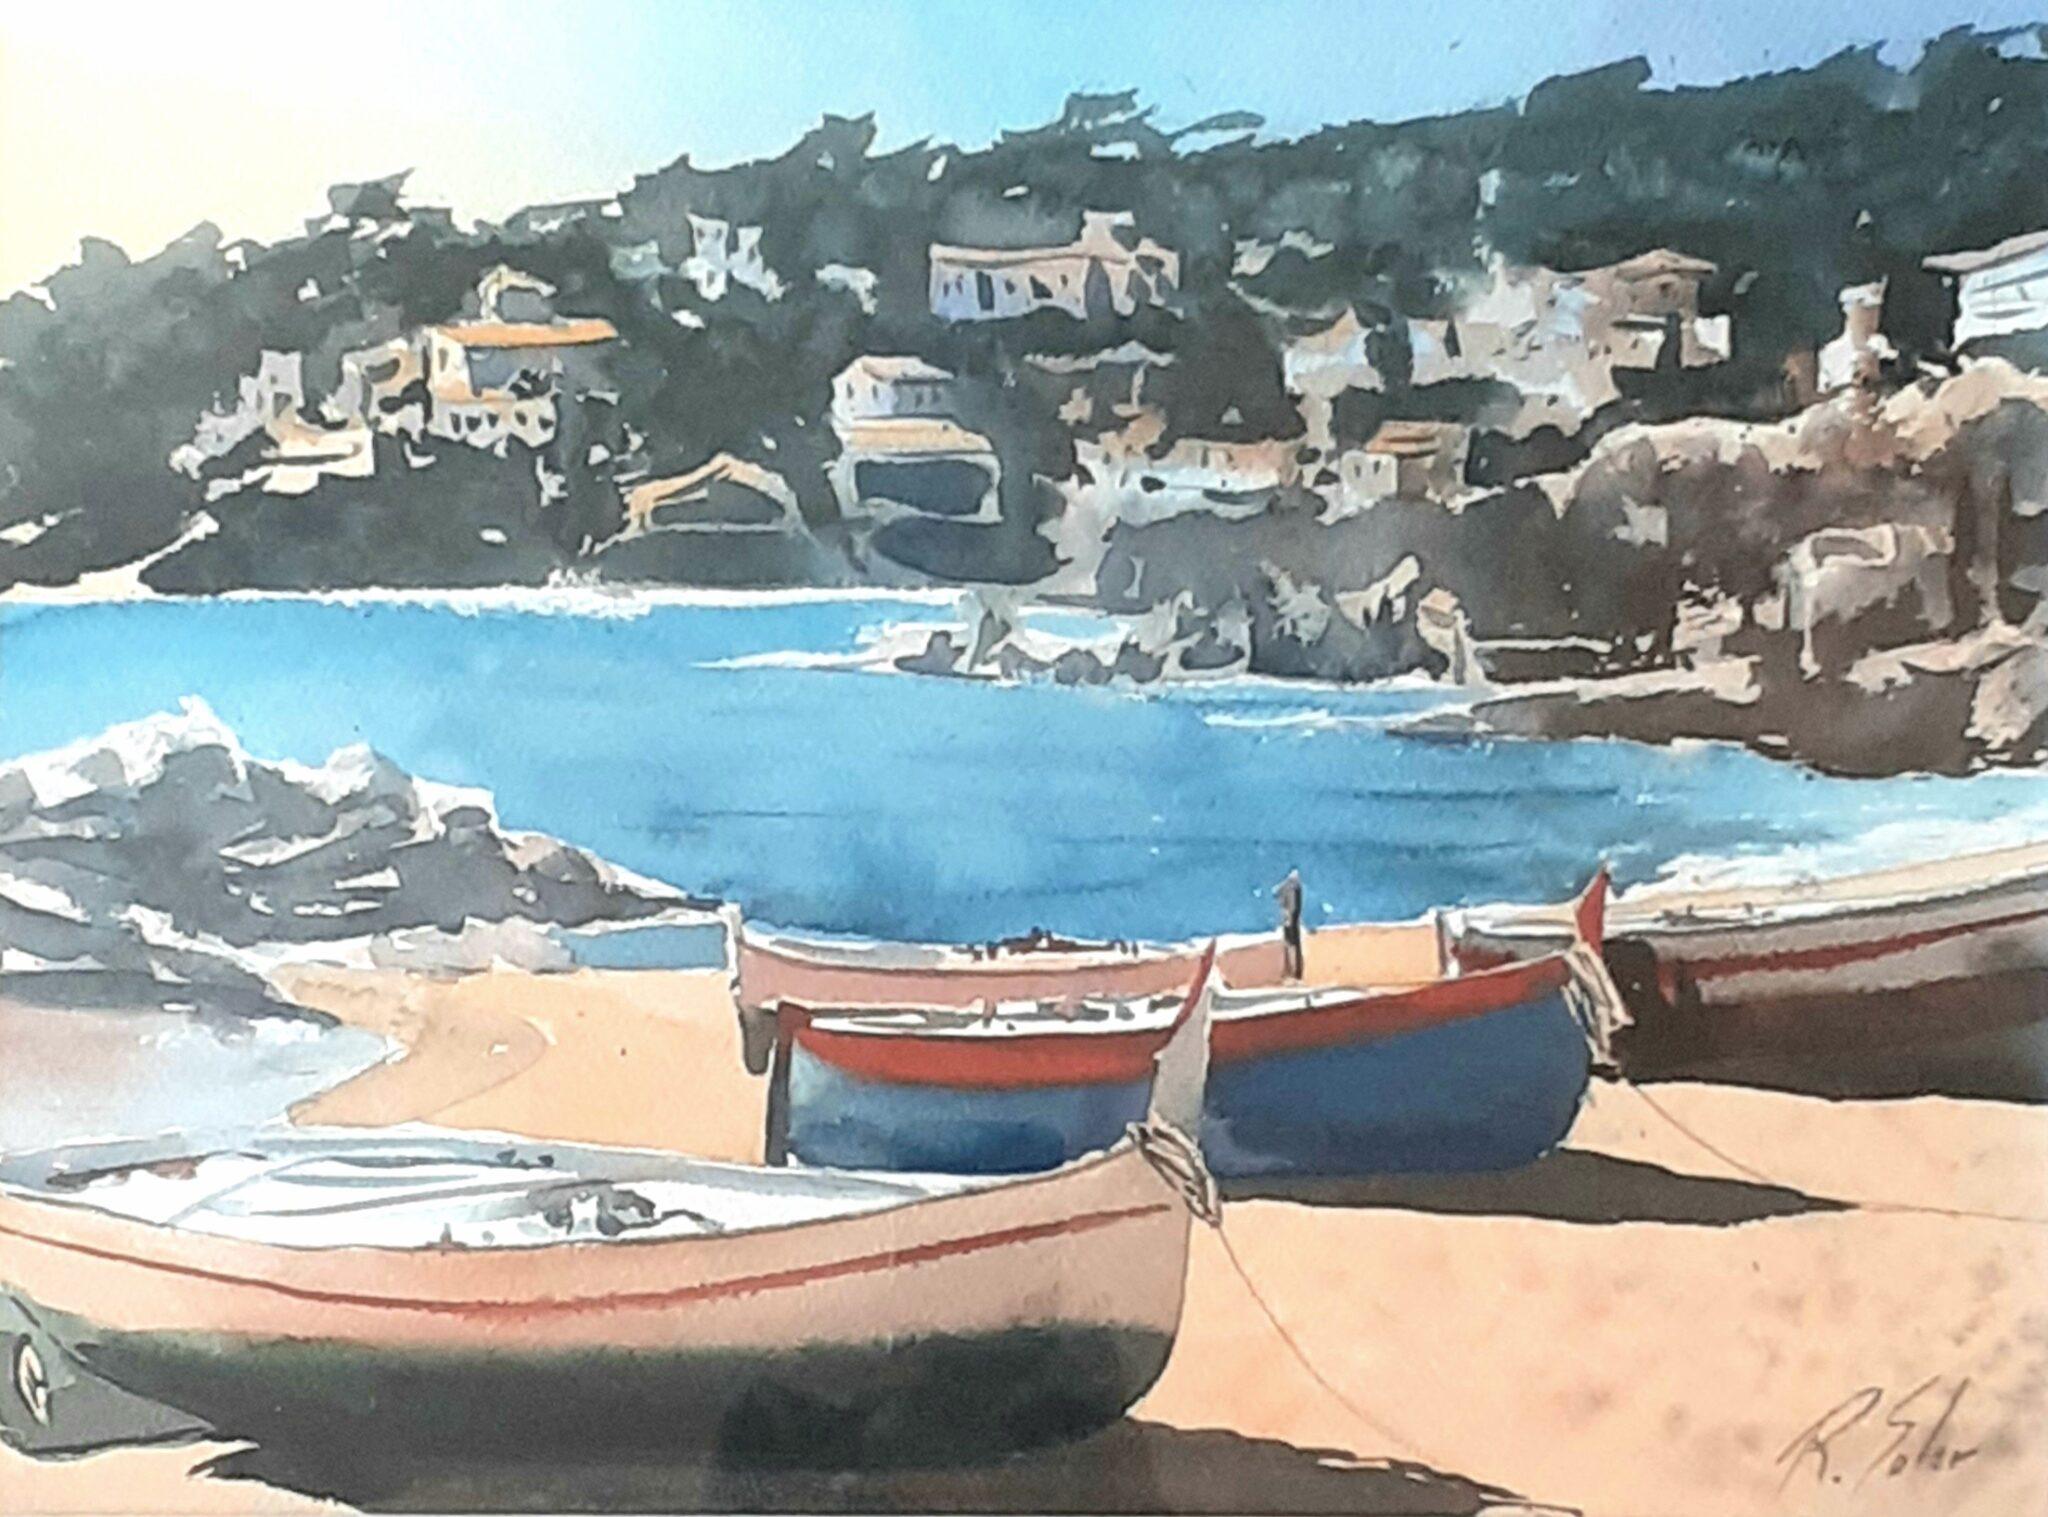 Barques a la platja de Calella, 30 x 40 cm. (Disponible)